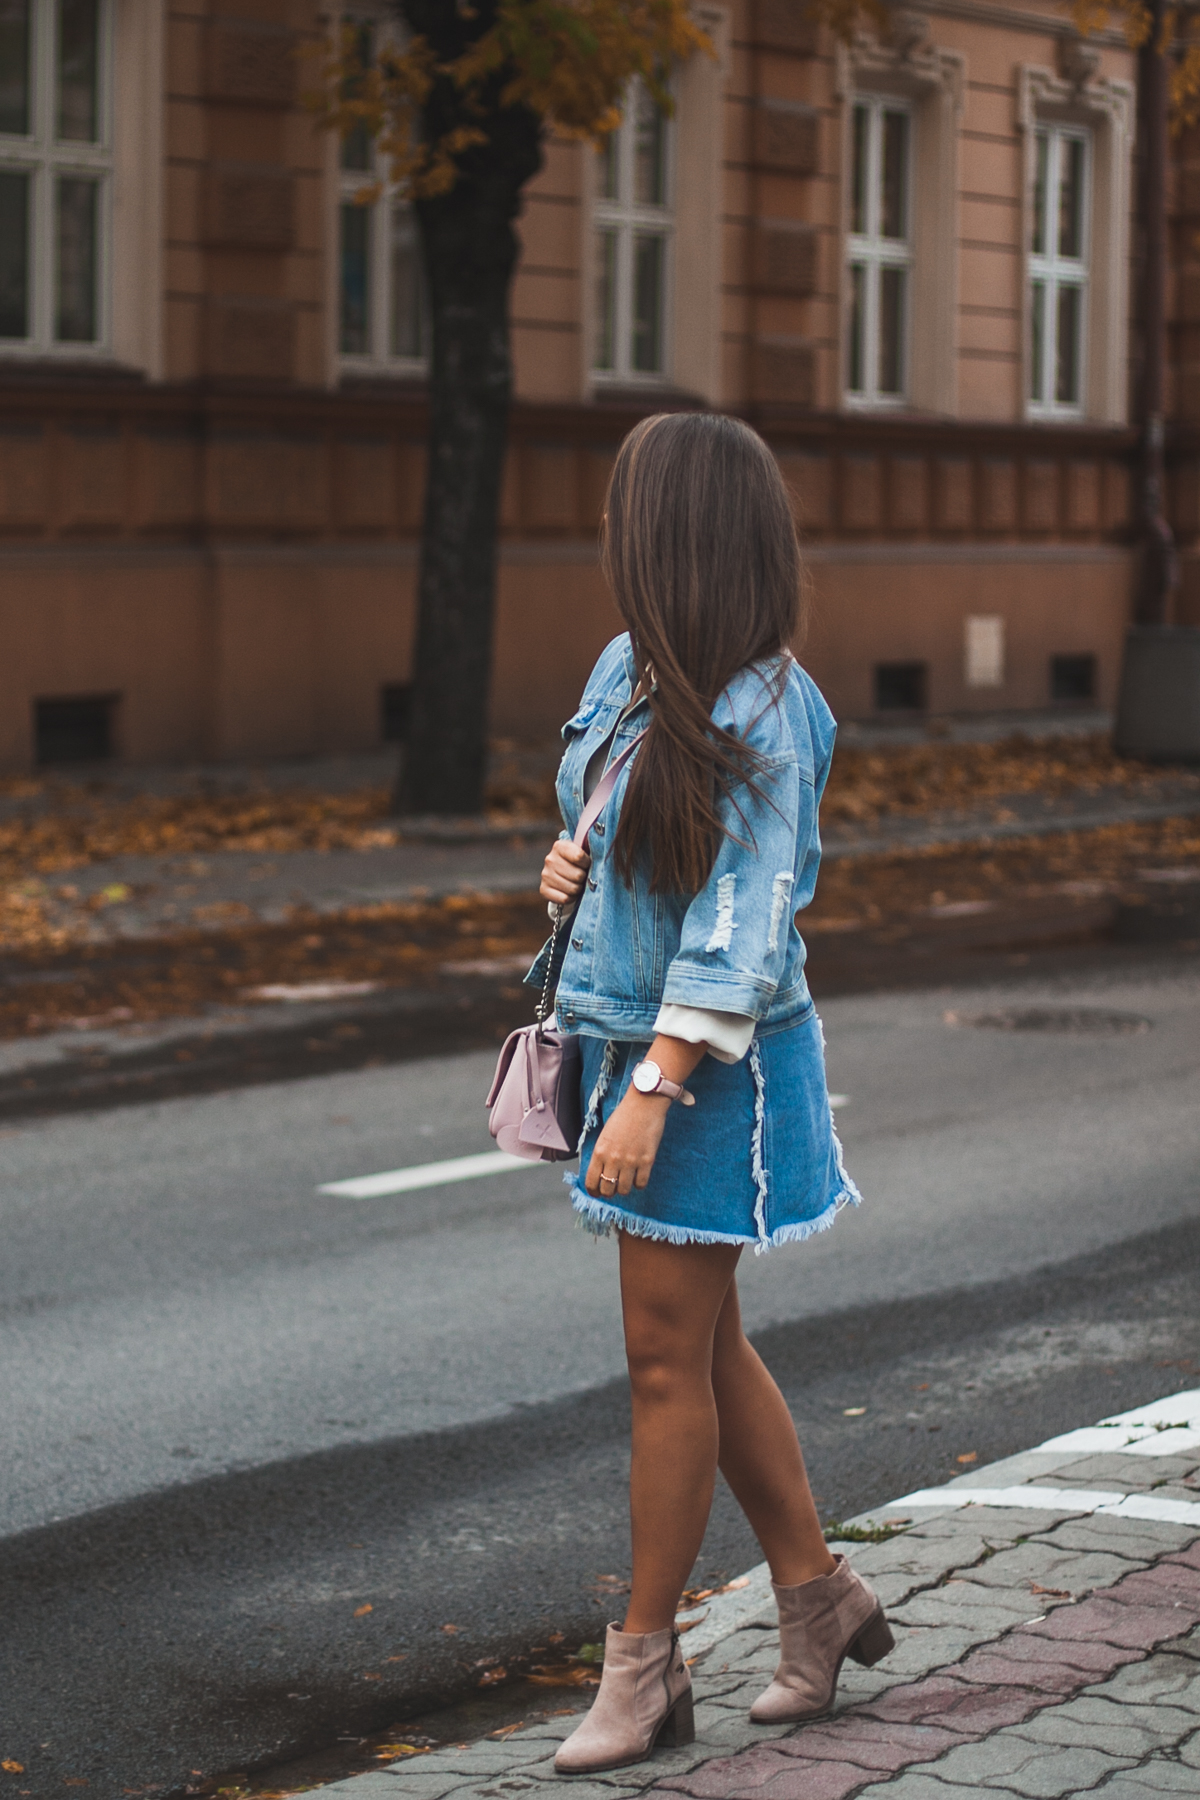 Stylizacja z jeansową kurtką i jeansową spódnicą